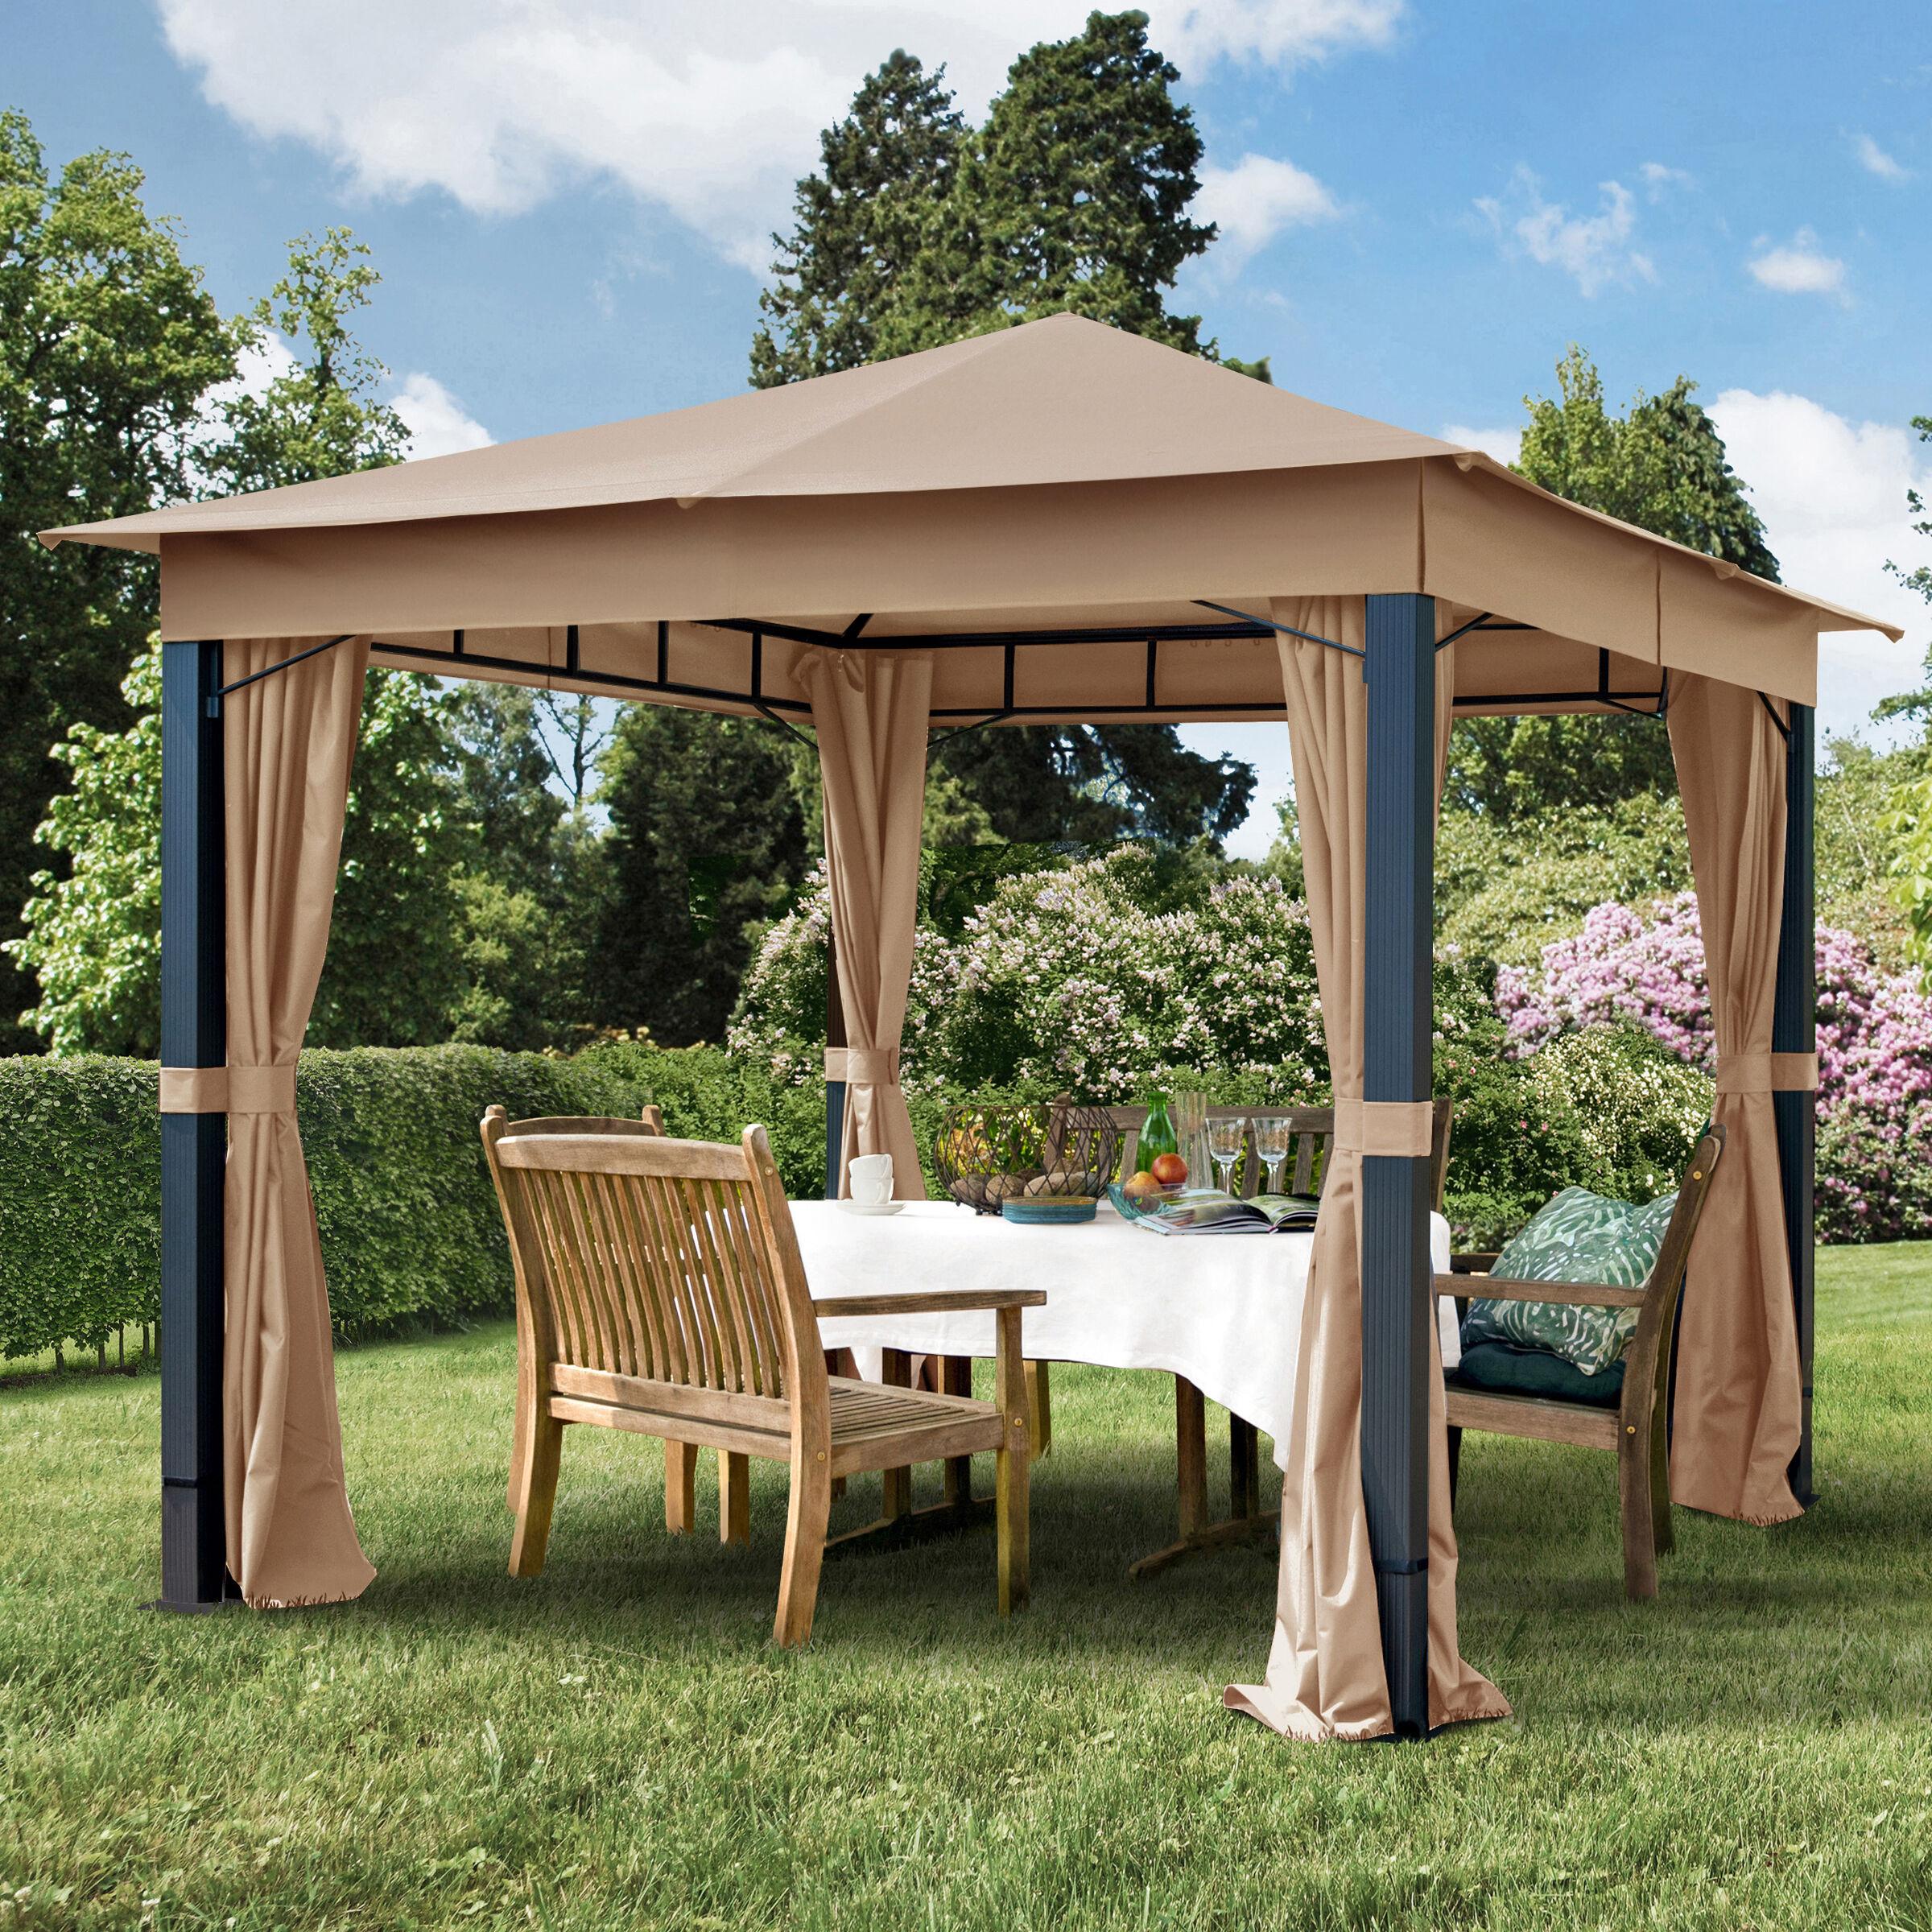 toolport gazebo da giardino 3x3m poliestere con rivestimento in pu 280 g/m² ocra impermeabile